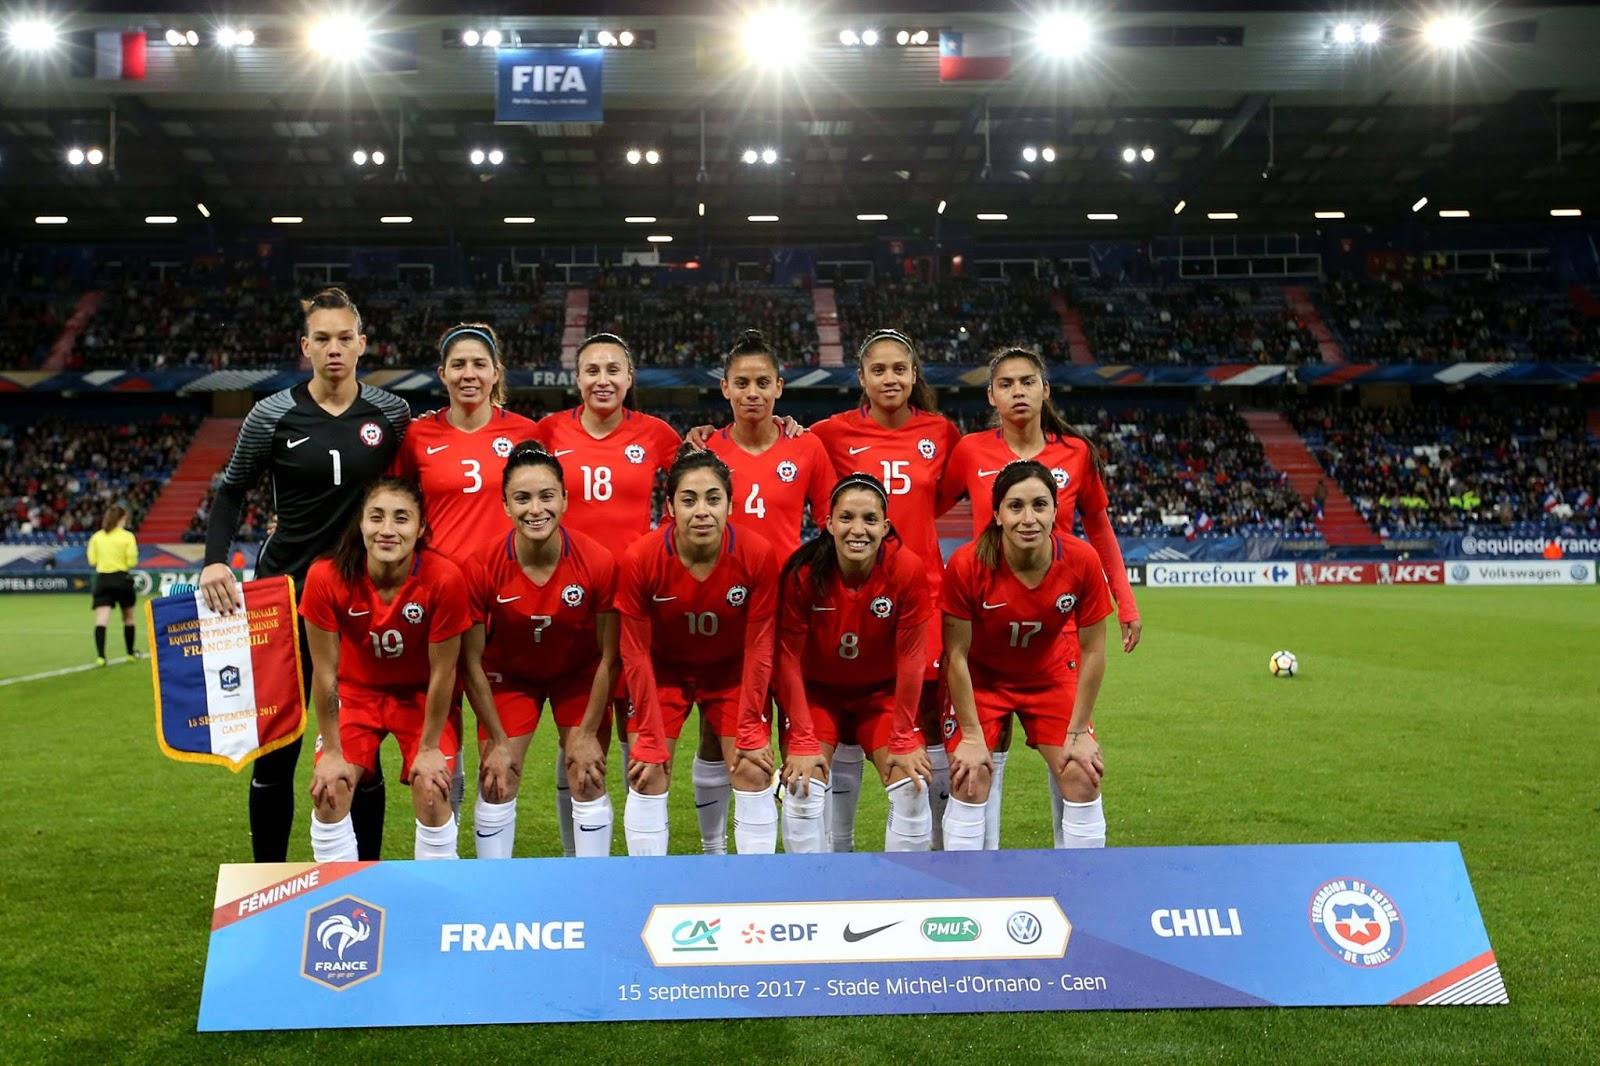 Formación de selección femenina de Chile ante Francia, amistoso disputado el 15 de septiembre de 2017